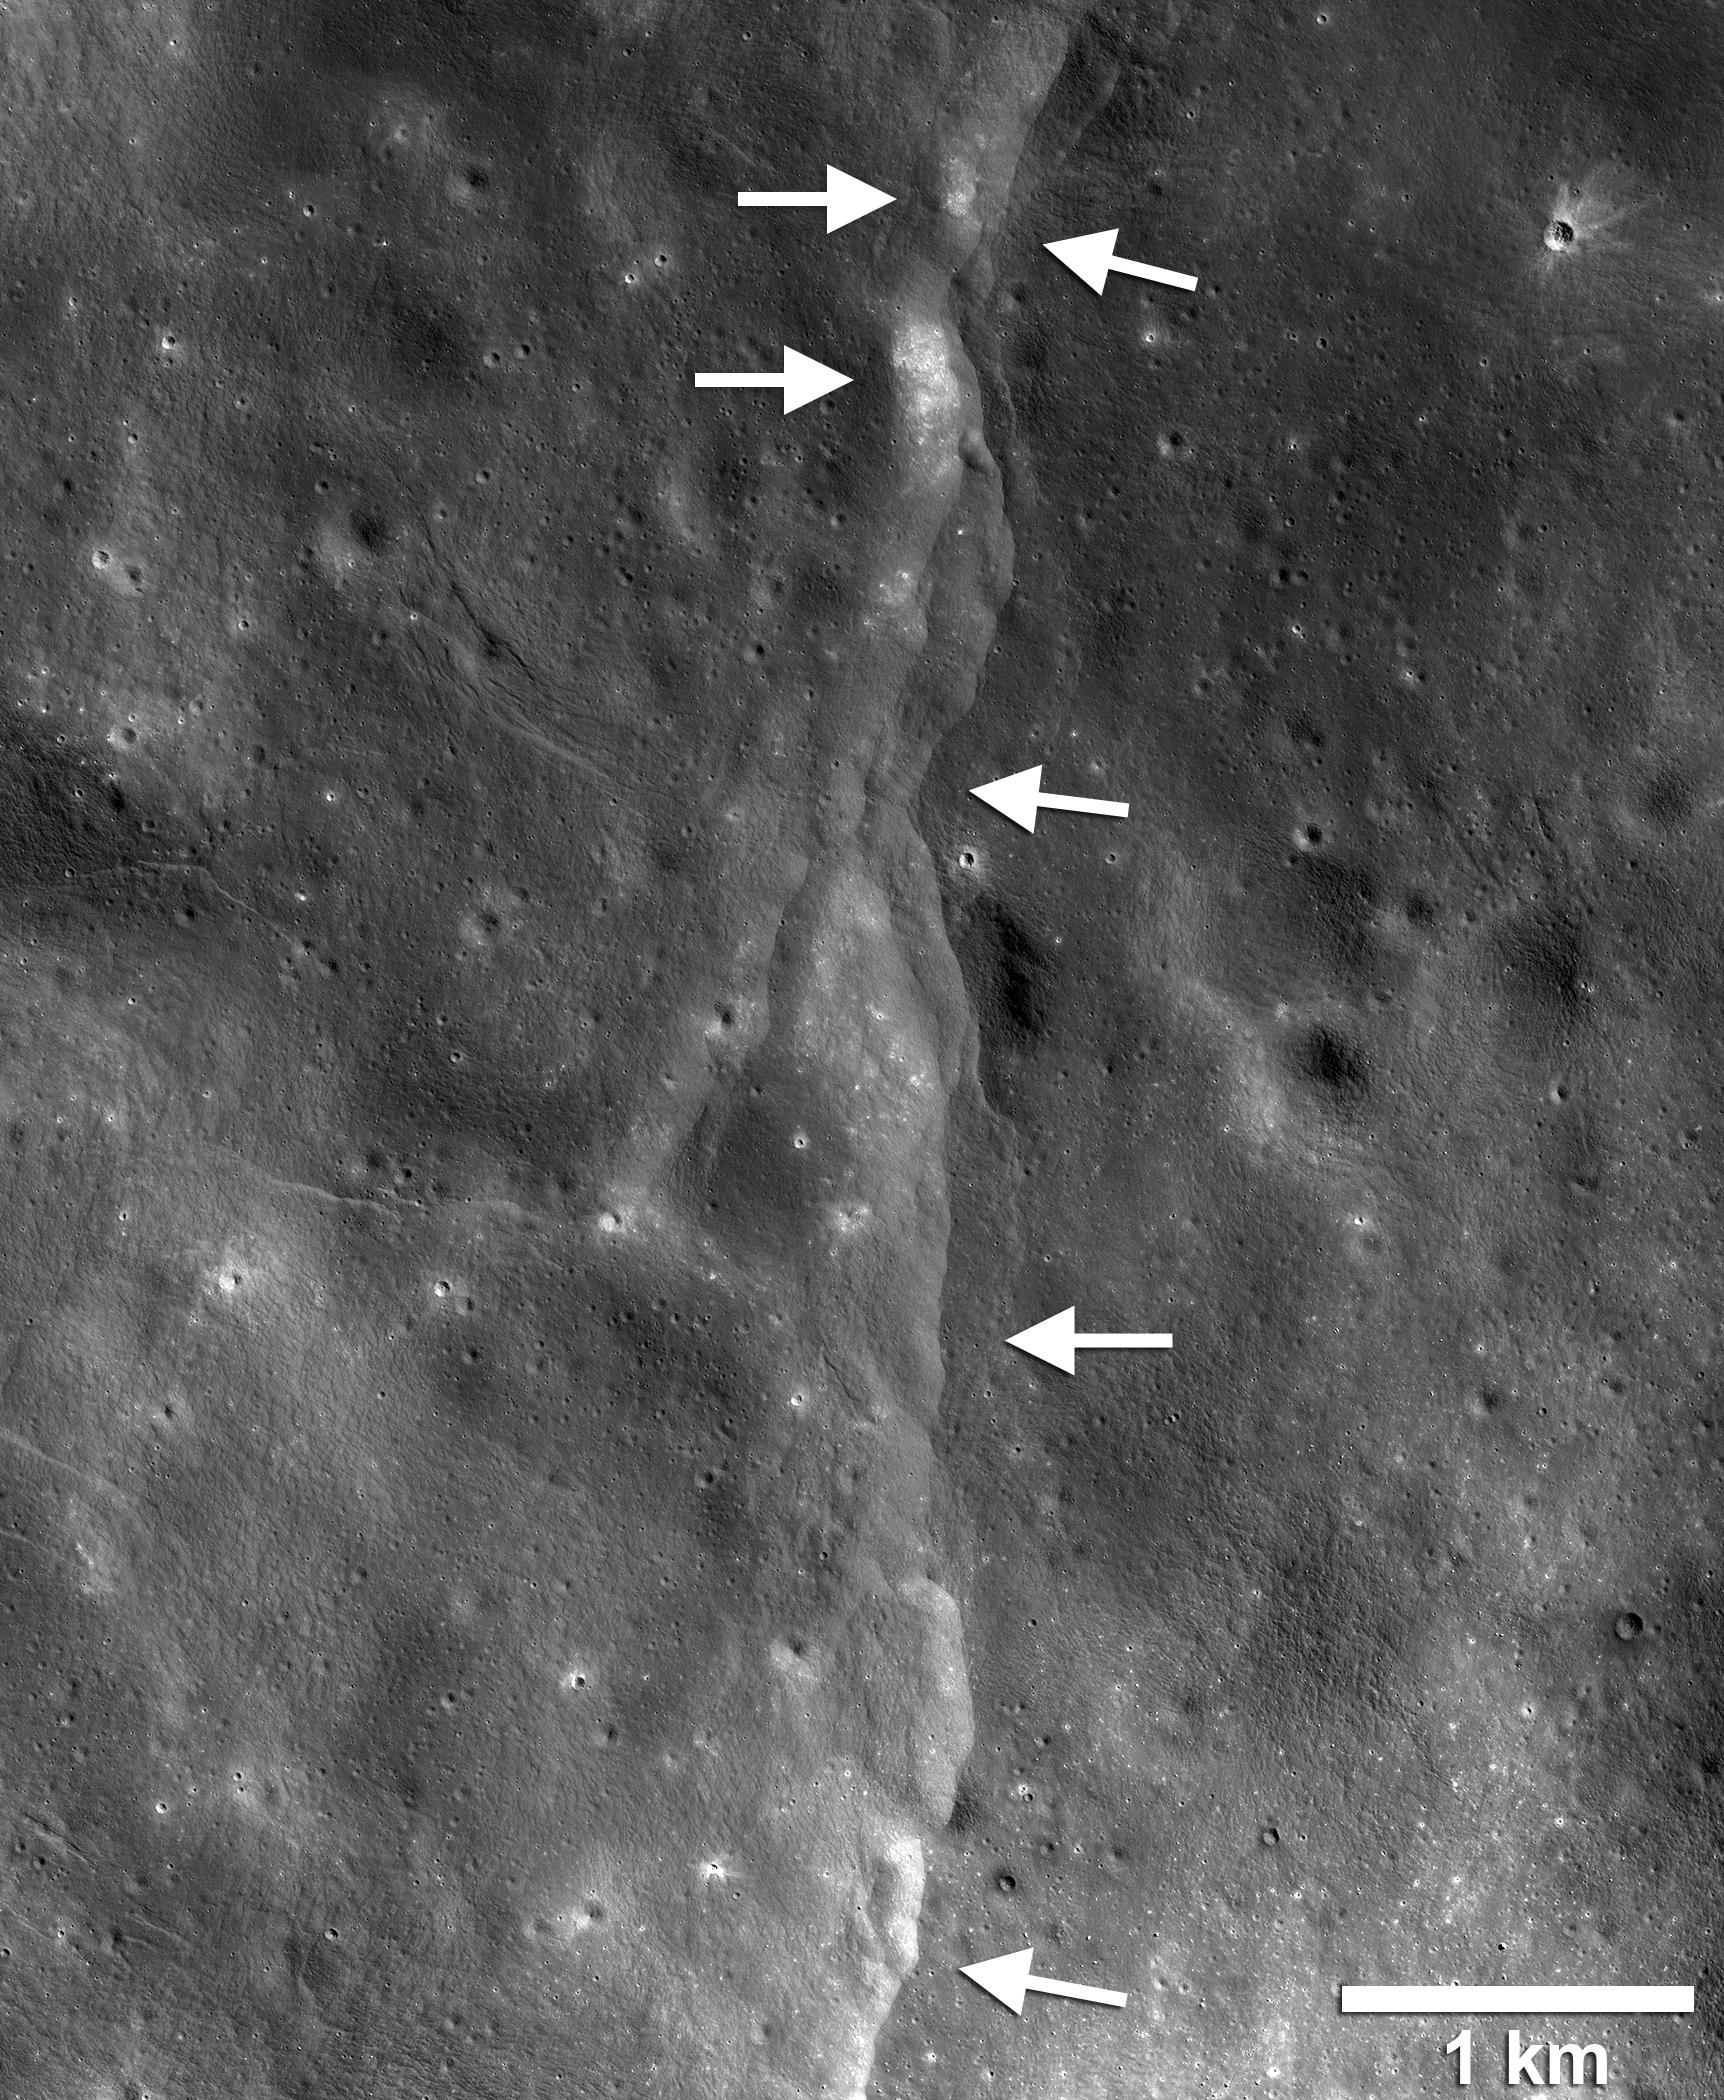 Bruchzone auf dem Mond